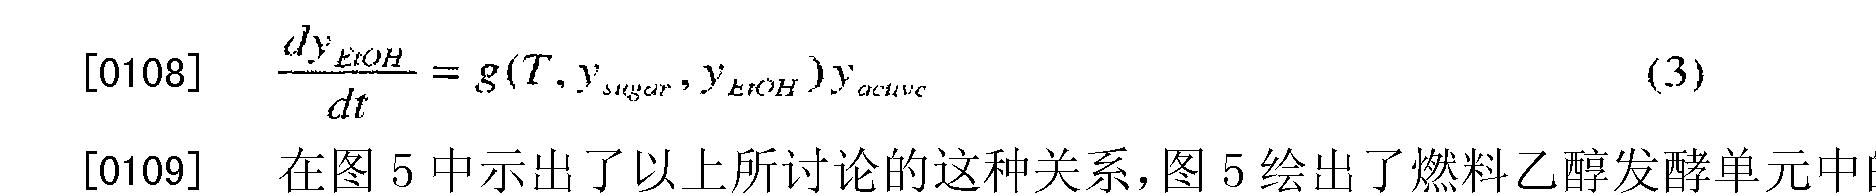 Figure CN101689045BD00122